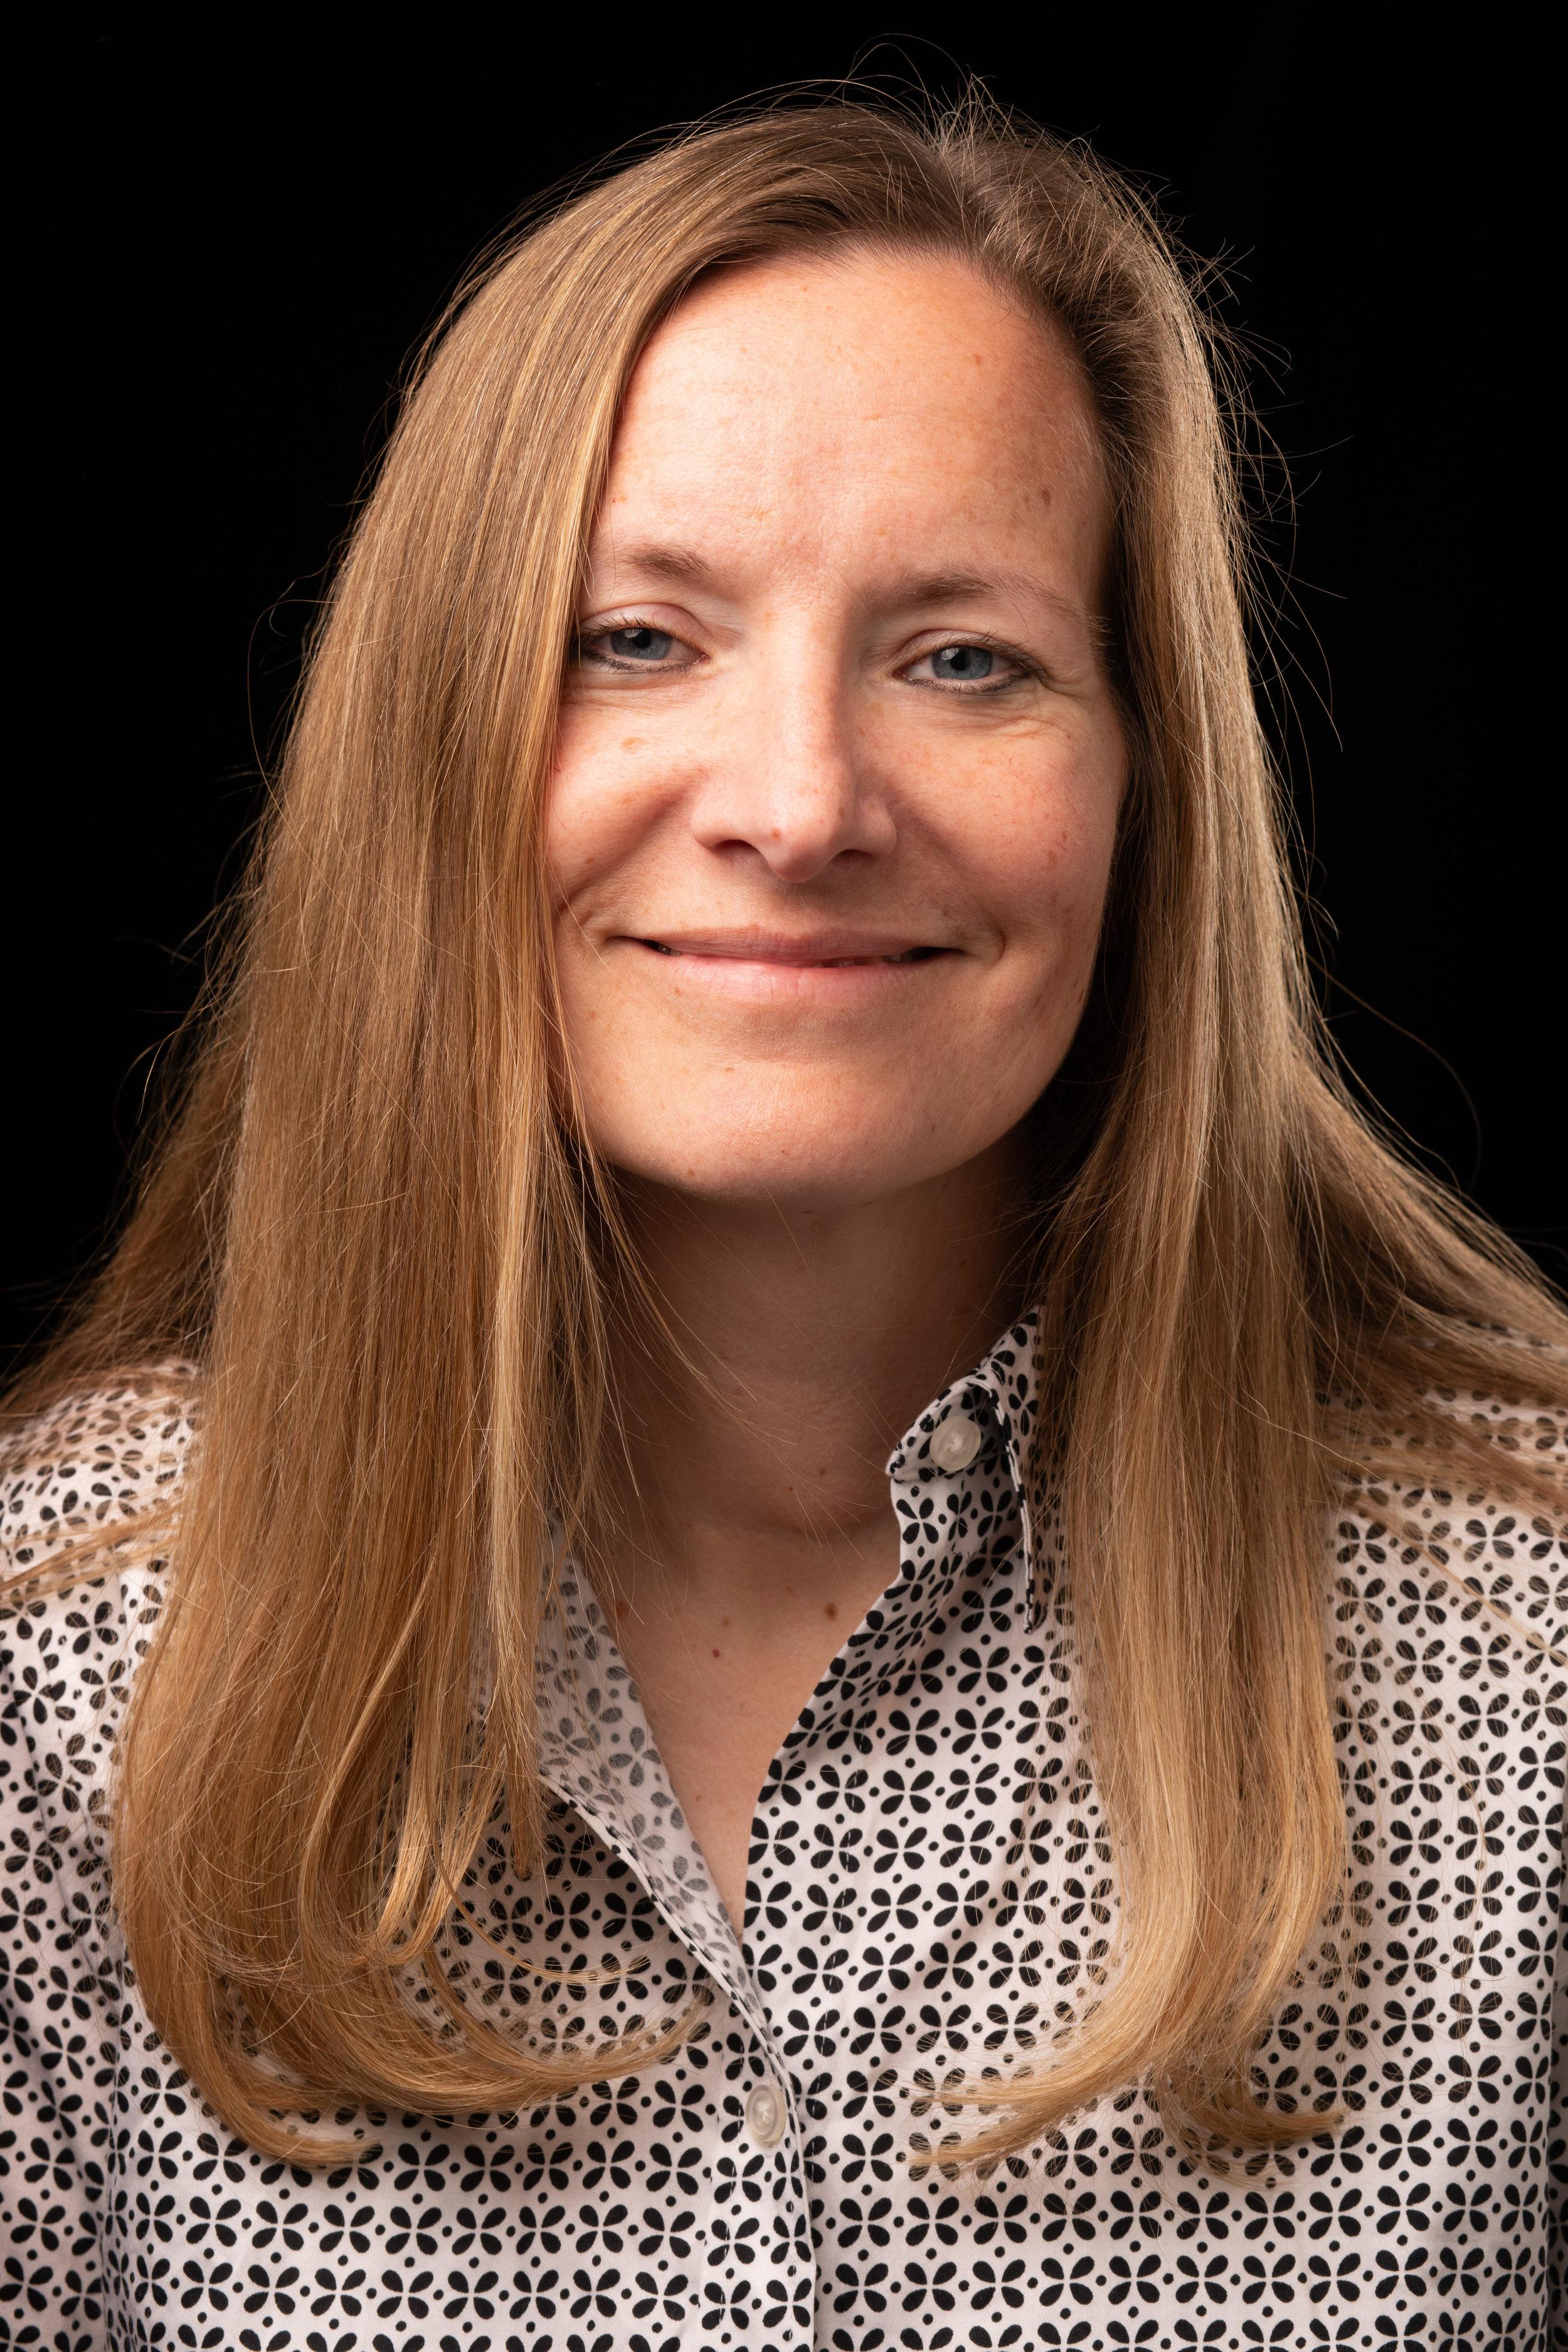 Greta Knigga-Daugherty